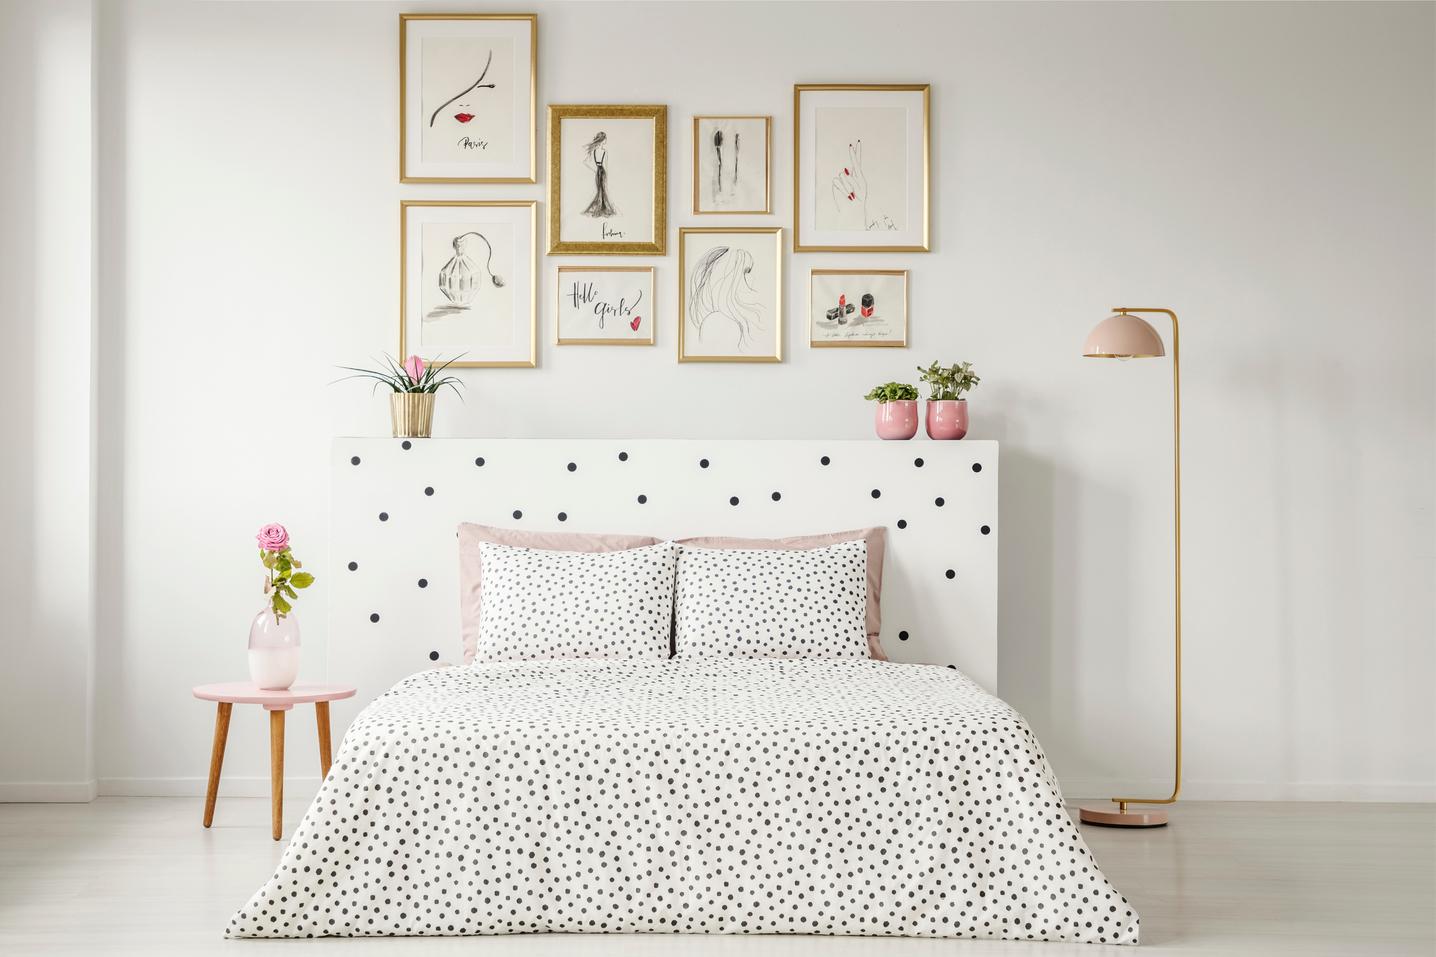 Vrei să îți renovezi dormitorul Iată cum îl poți transforma în încăperea perfectă din casa ta!